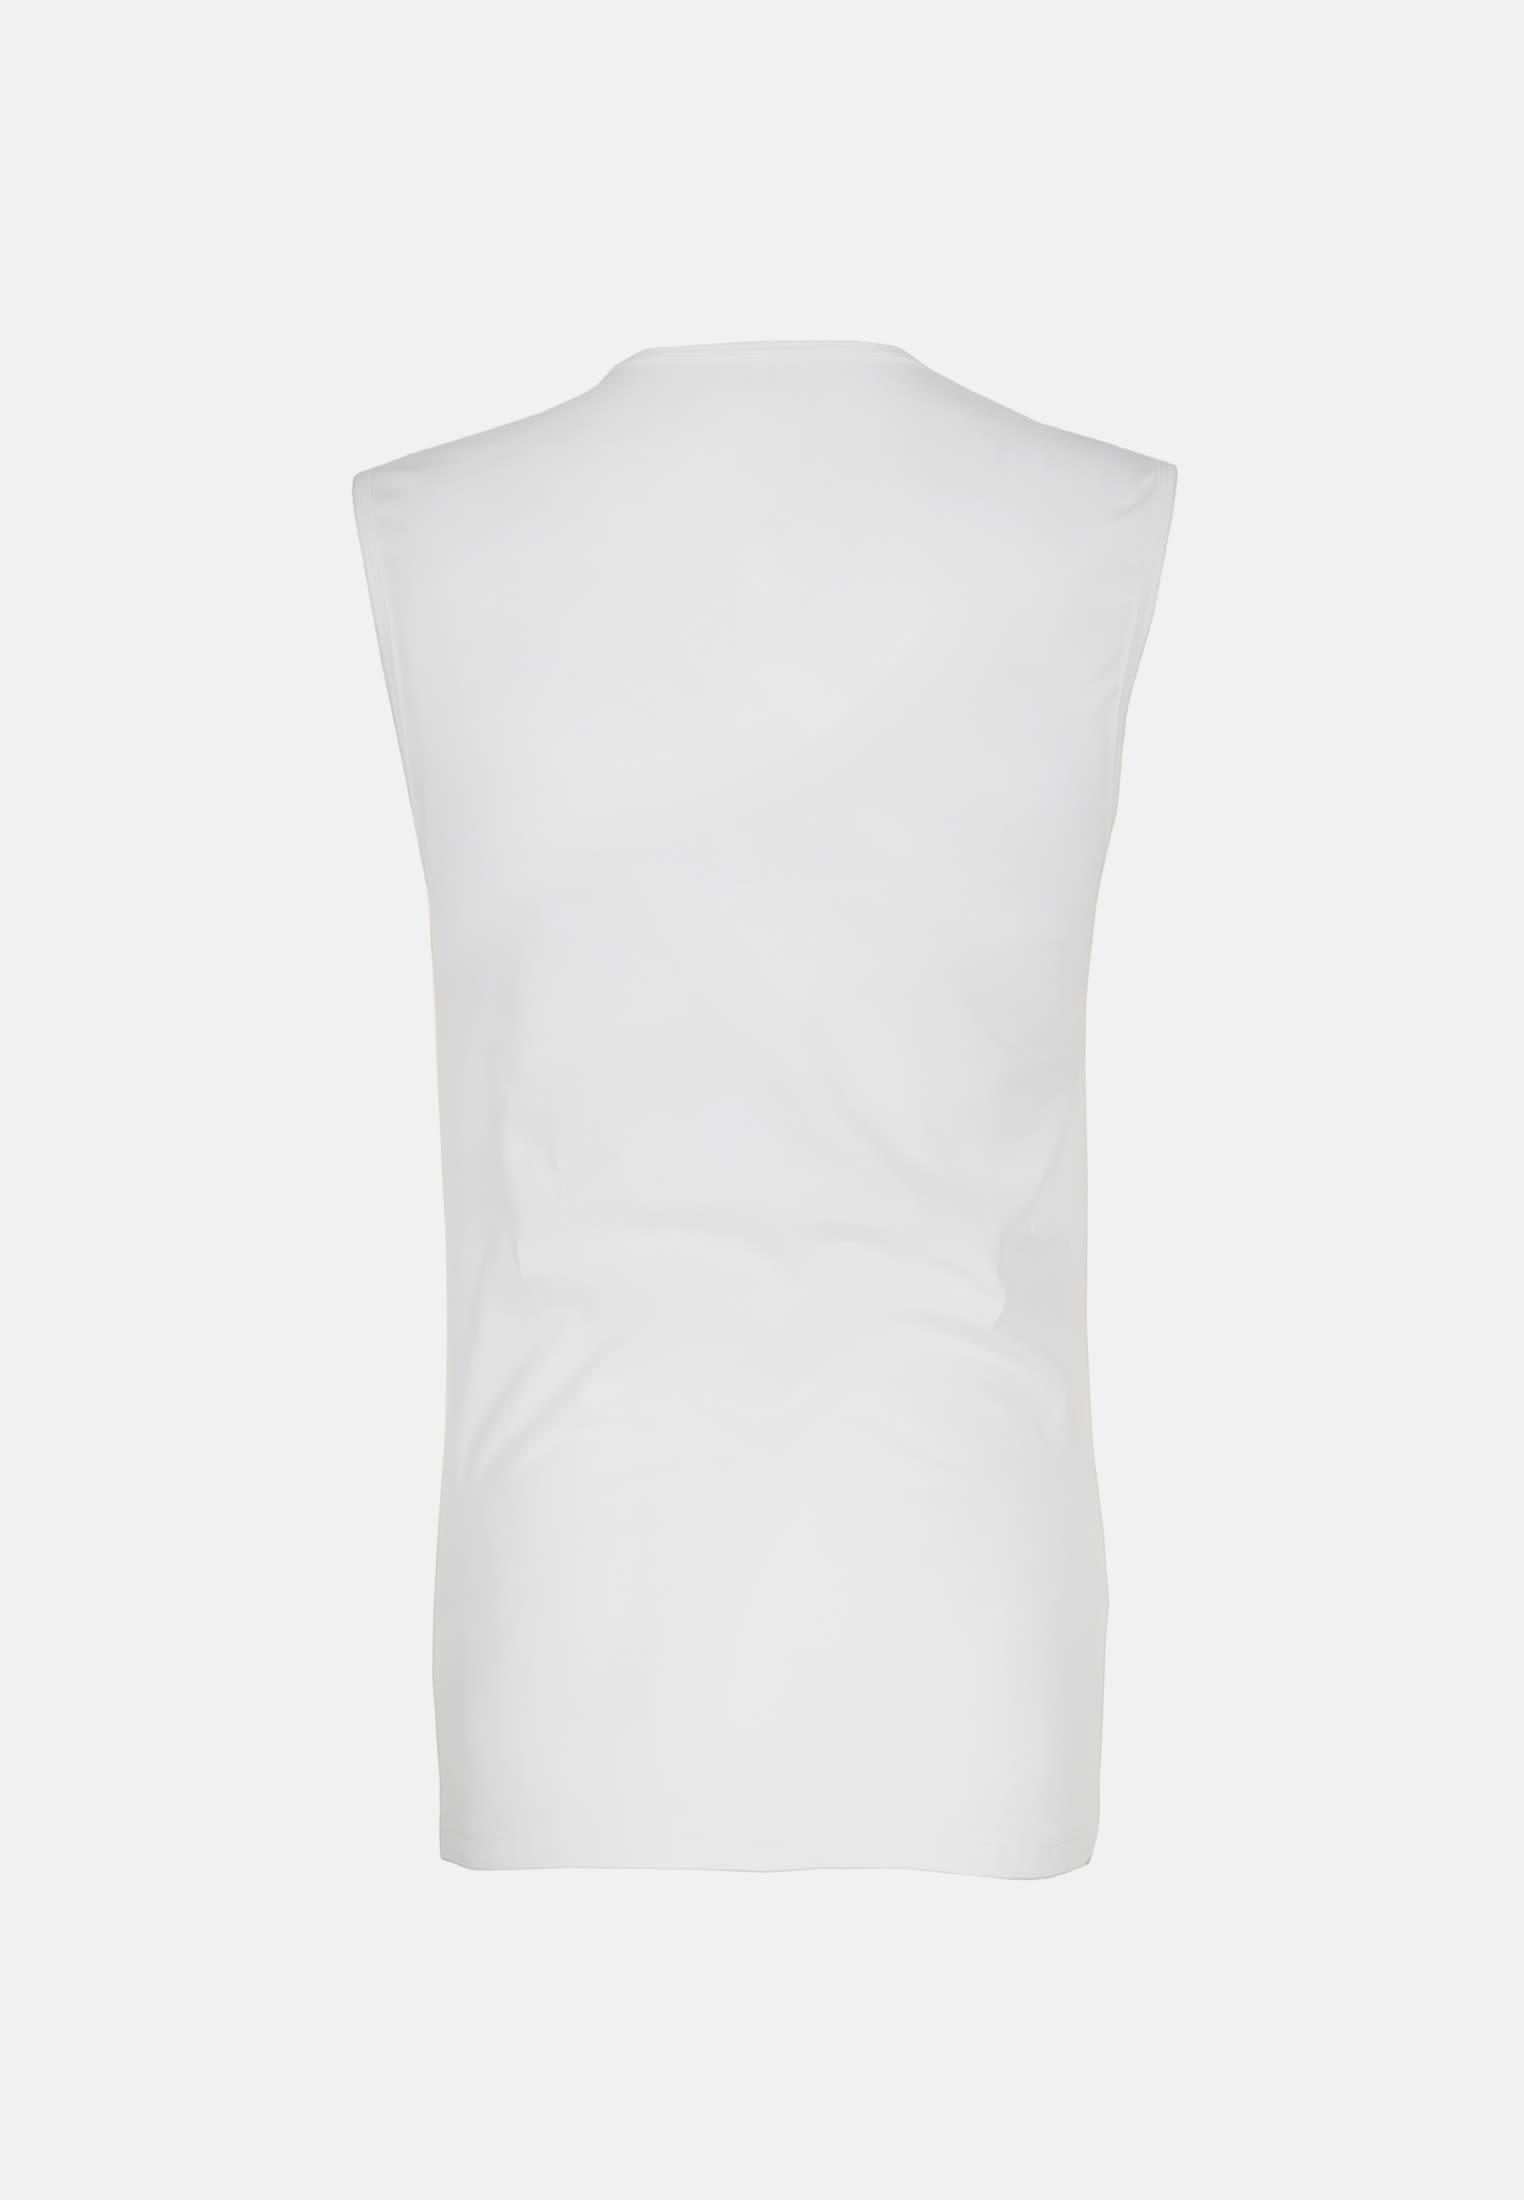 Crew Neck T-Shirt made of 95% Cotton 5% Elastane in White |  Seidensticker Onlineshop